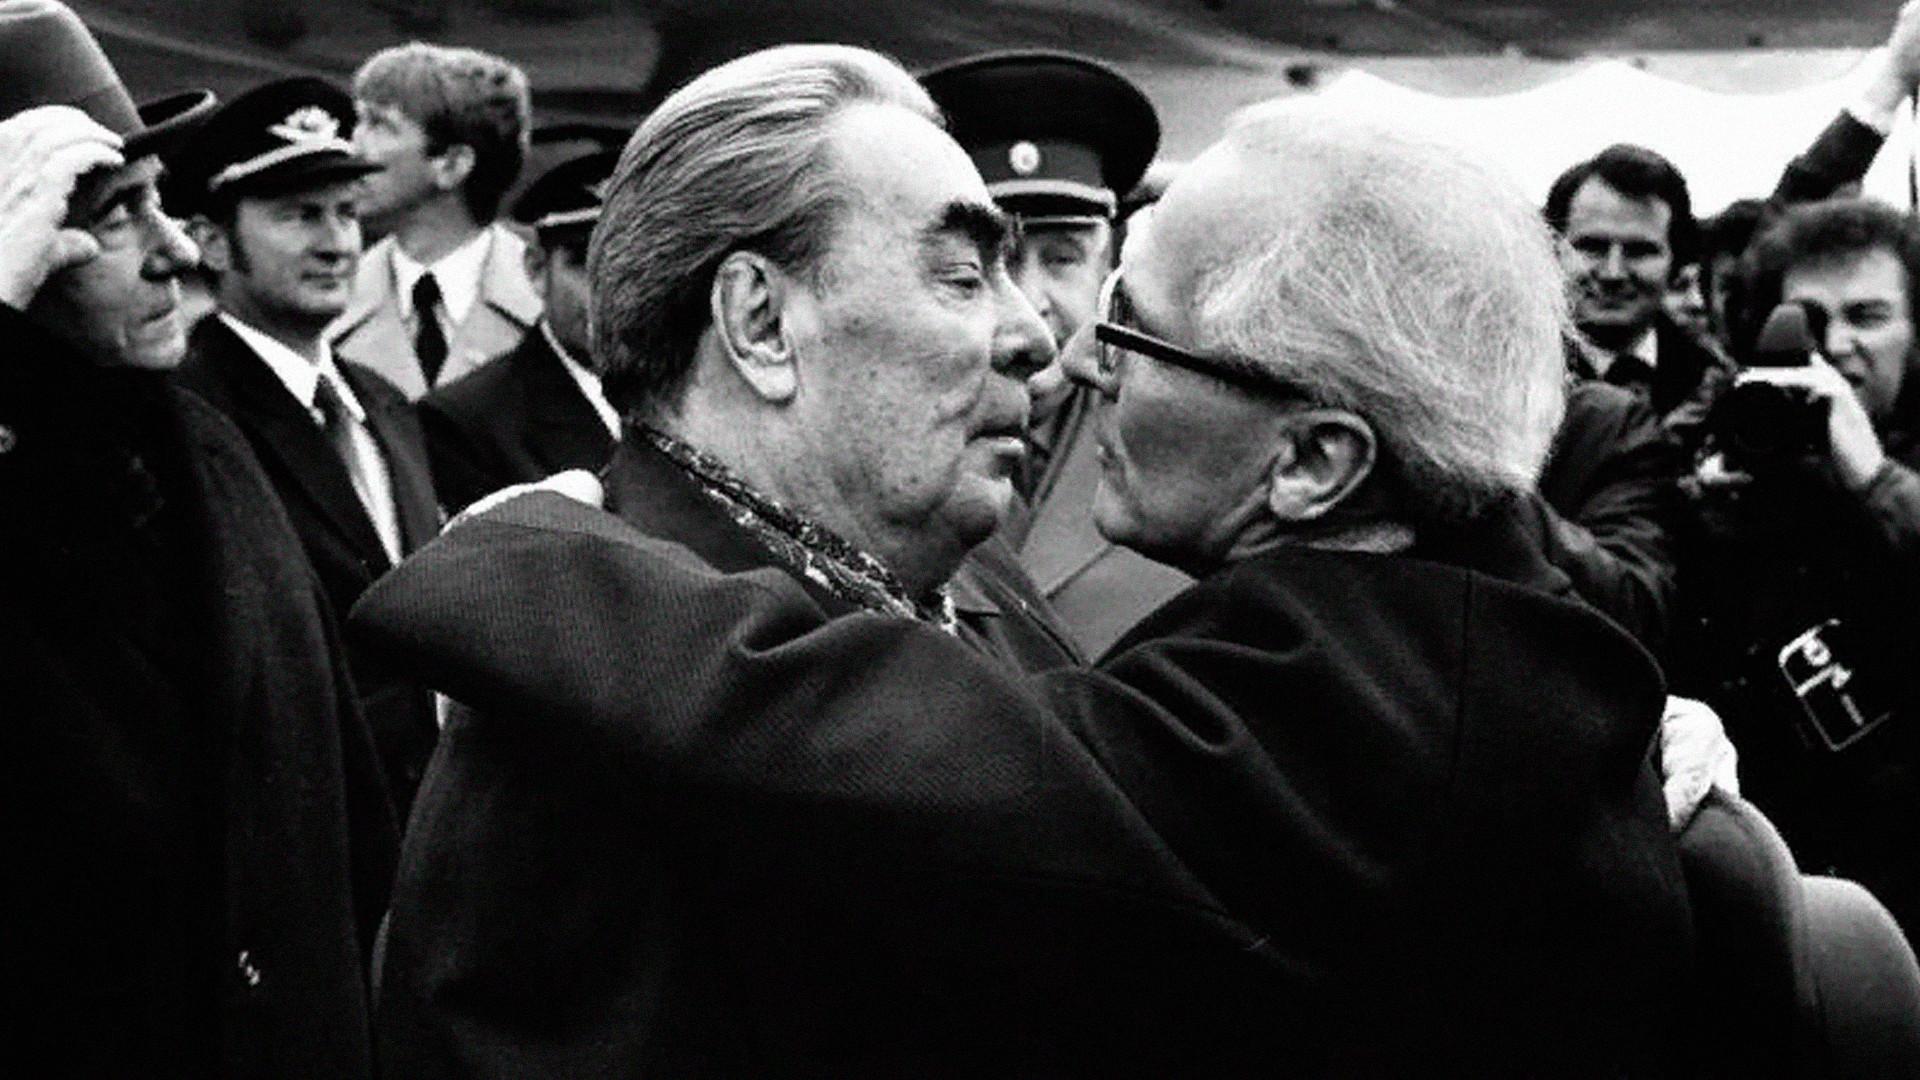 Reunión de Leonid Brézhnev con el líder de Alemania Oriental, Erich Honecker. Otra famosa foto de ellos besándose fue posteriormente consagrada como pieza de arte en el Muro de Berlín.